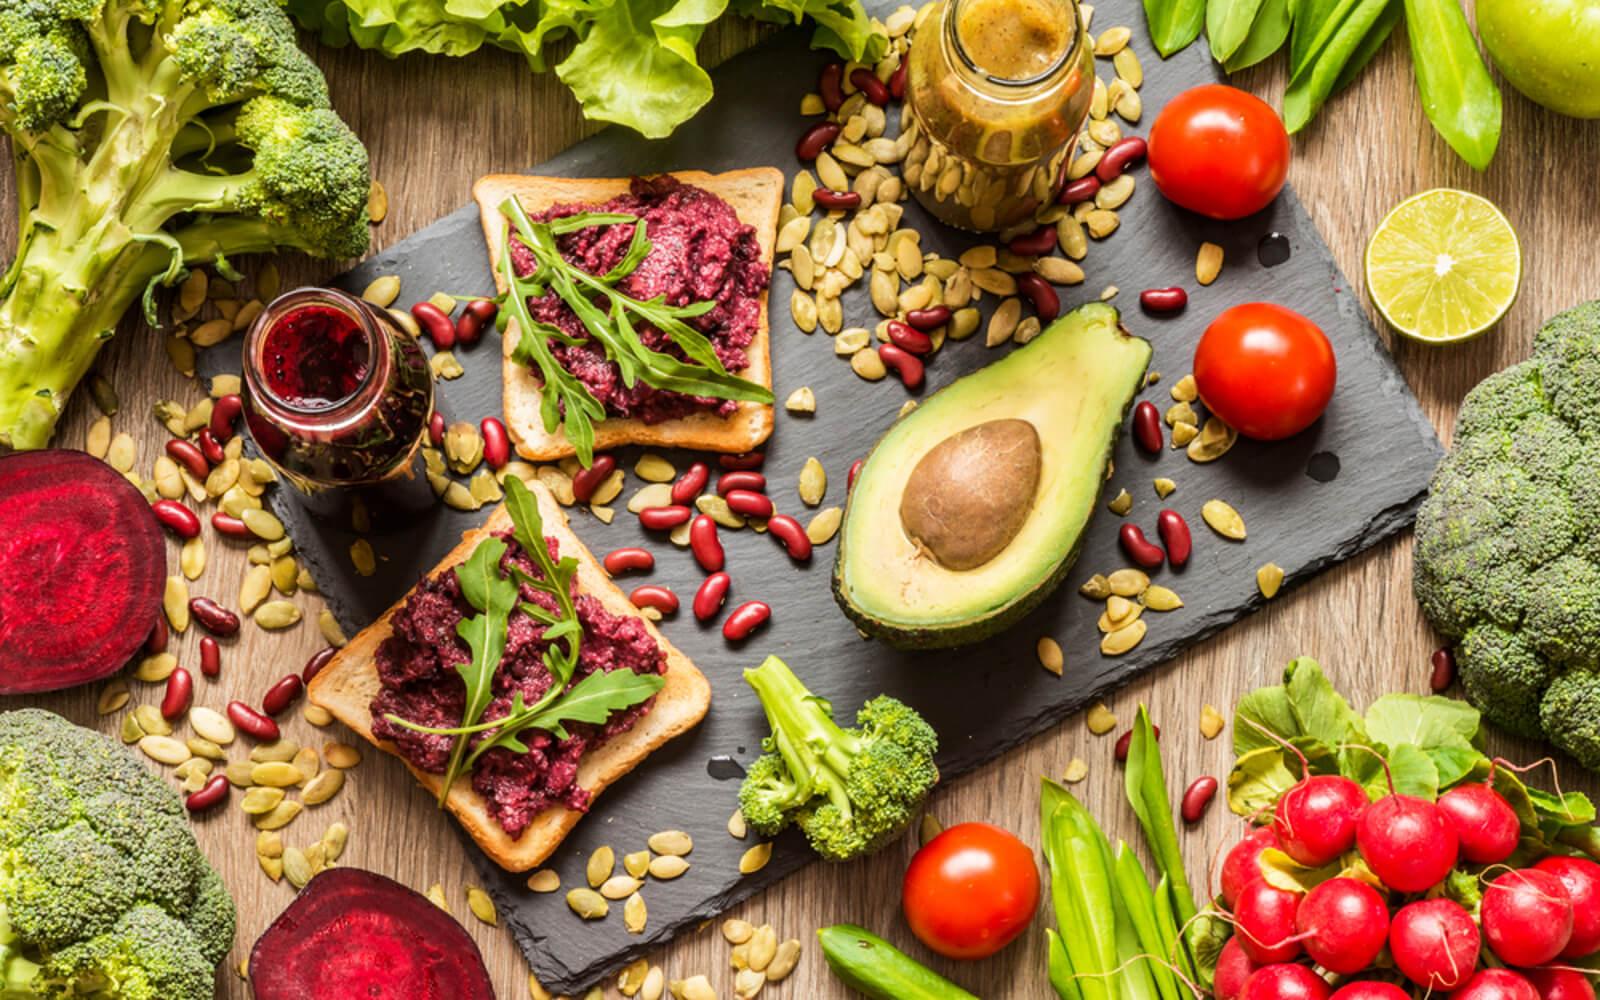 kan yapan vegan yiyecekler